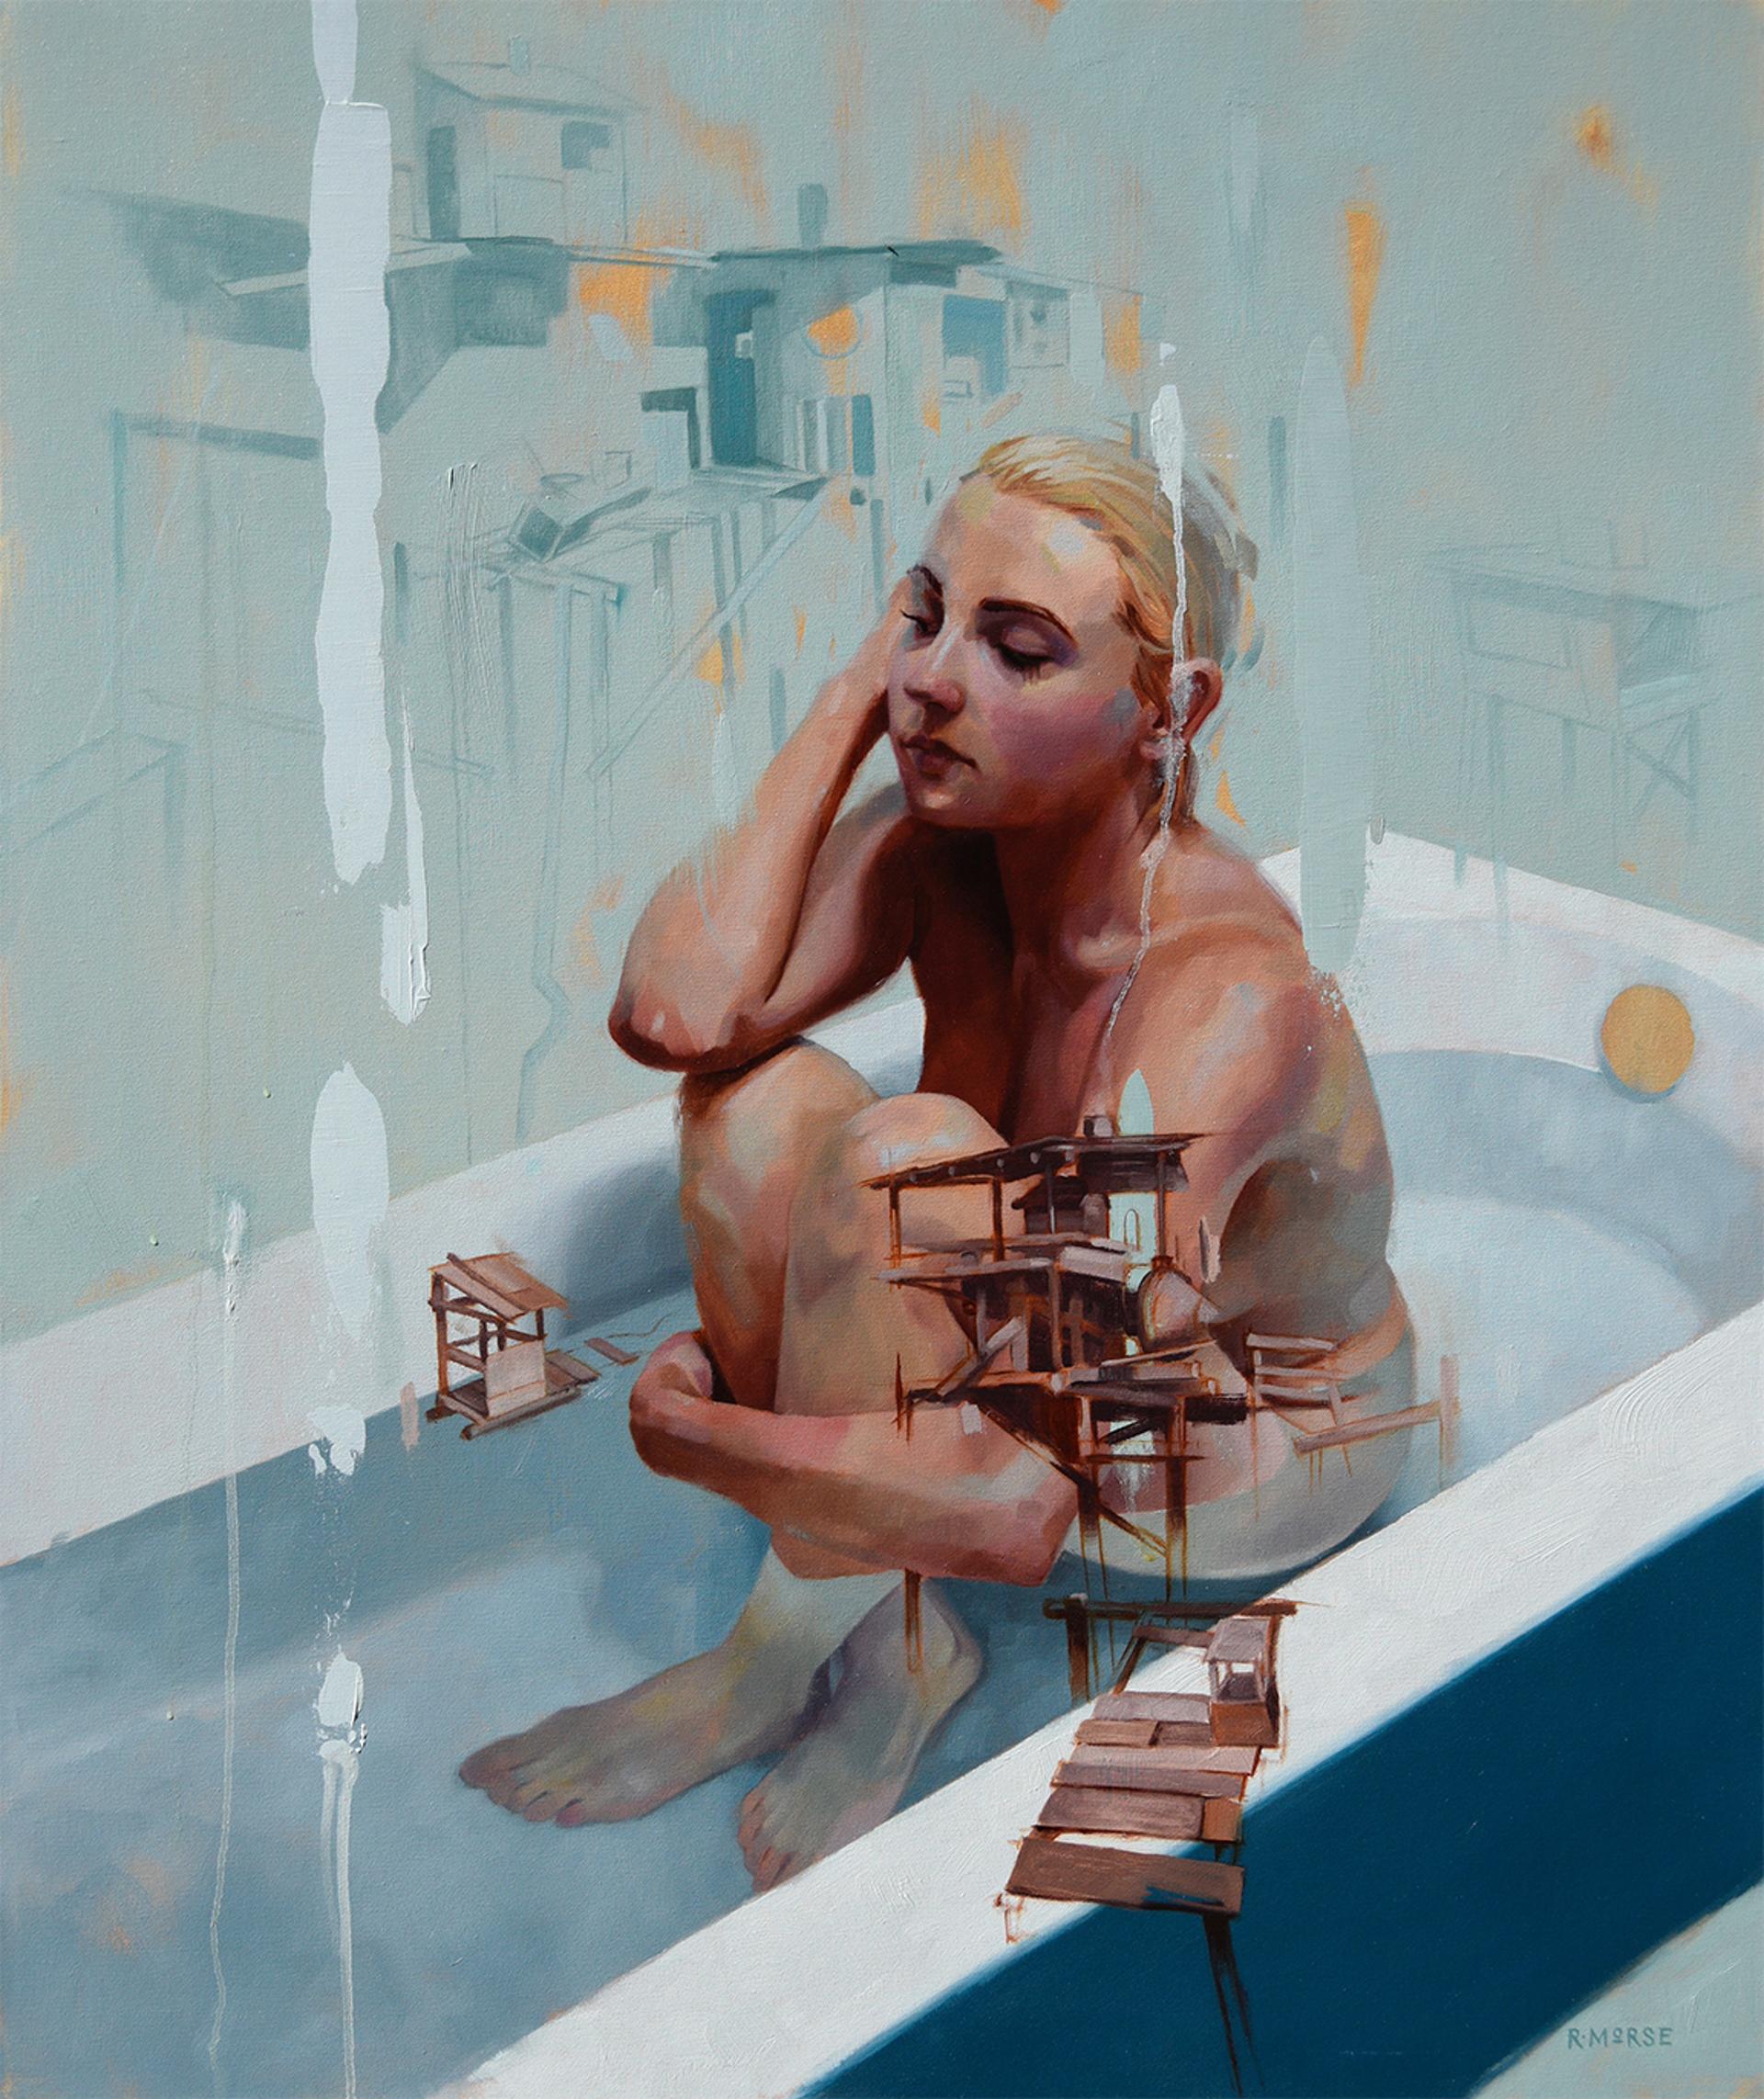 Bather by Ryan Morse